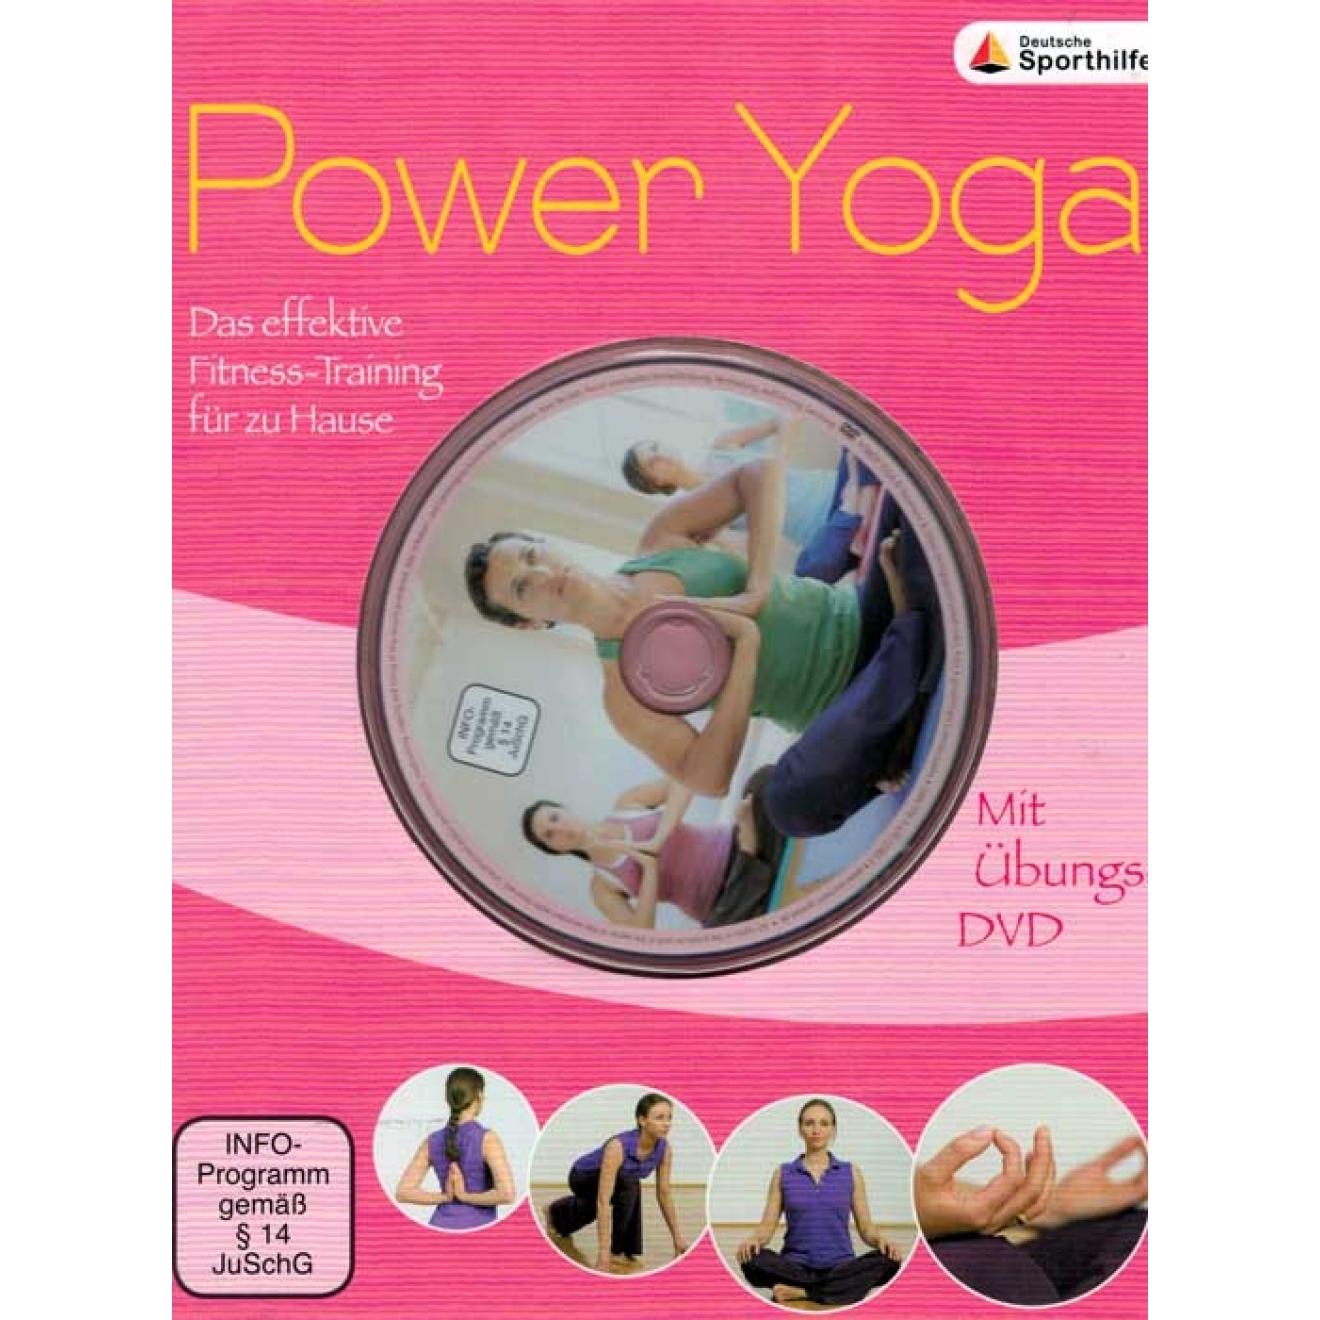 Power Yoga Das effektive Fitness Training für zu Hause